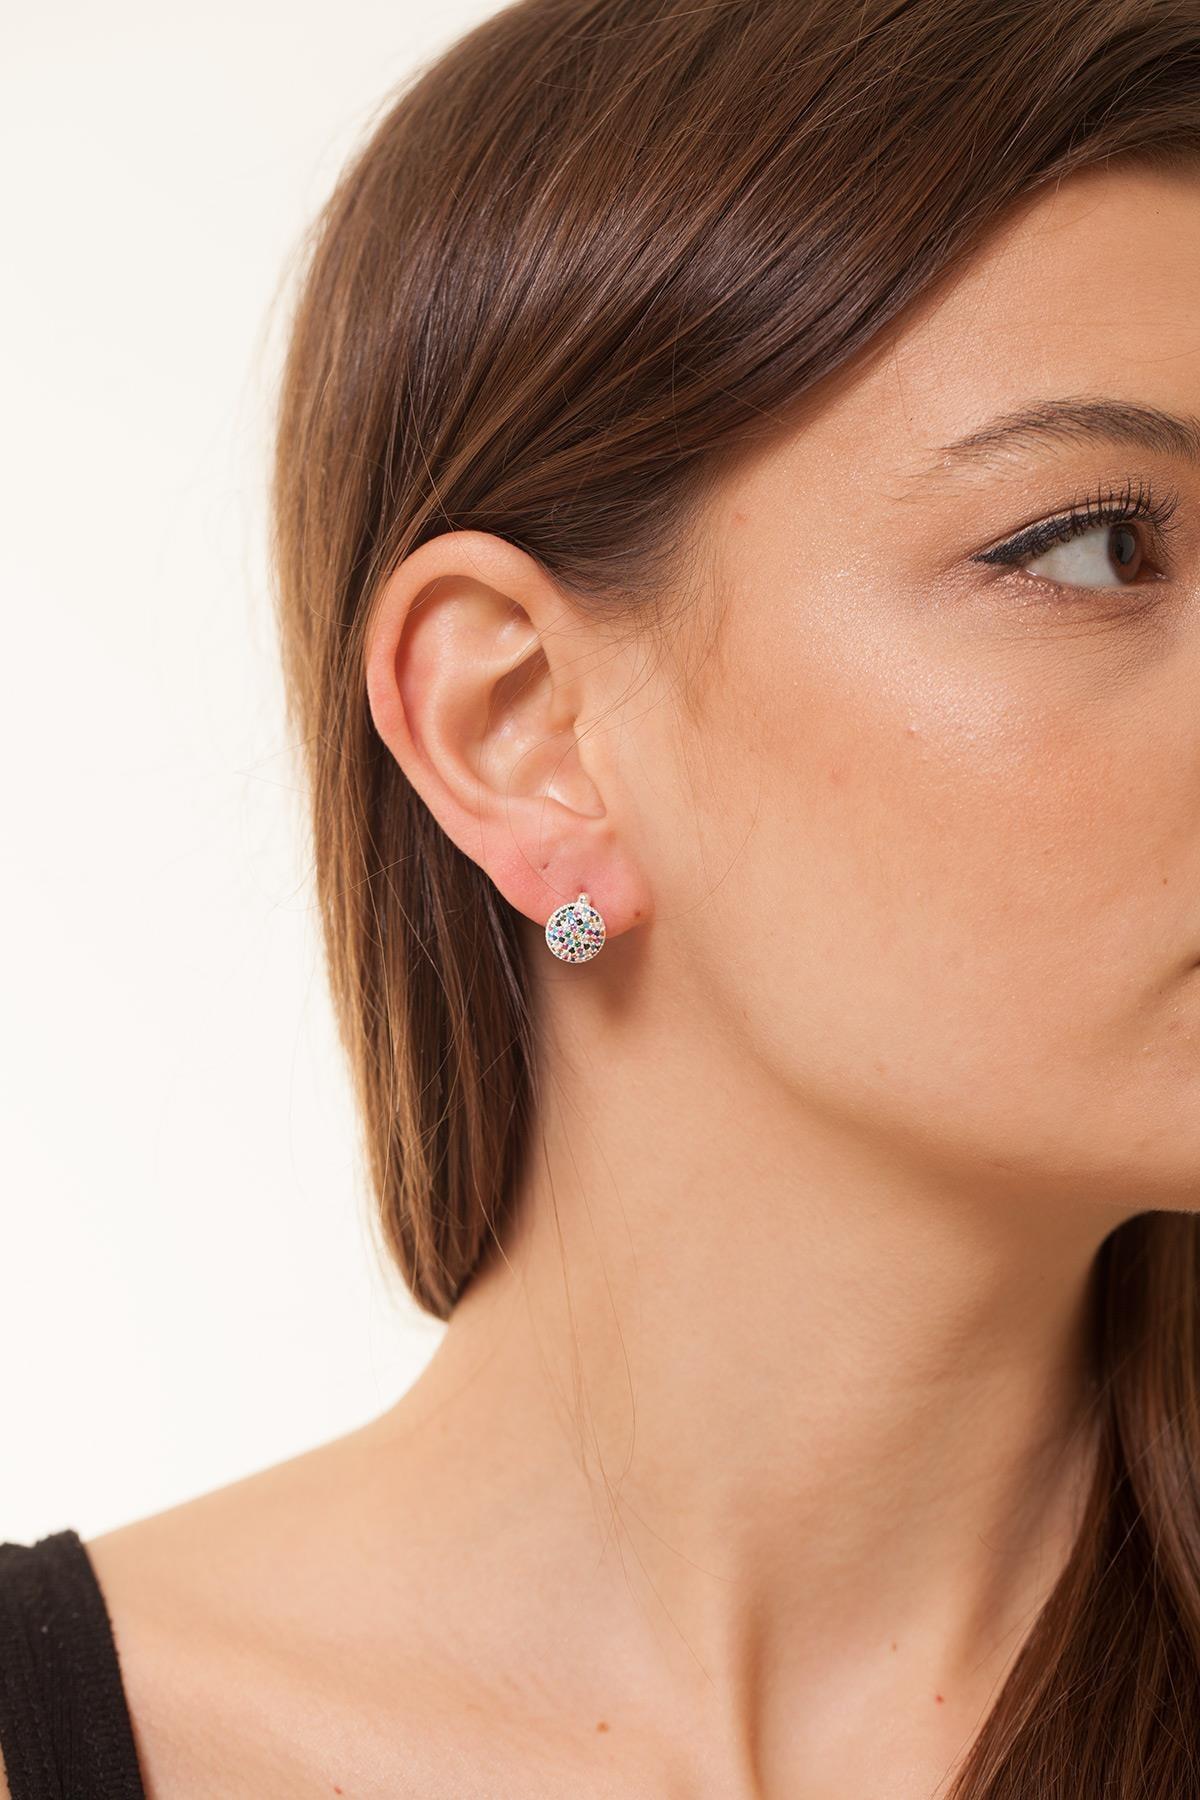 Ninova Silver Kadın Yuvarlak Model Mix Taşlı Gümüş Küpe NNVSLVR02632 0